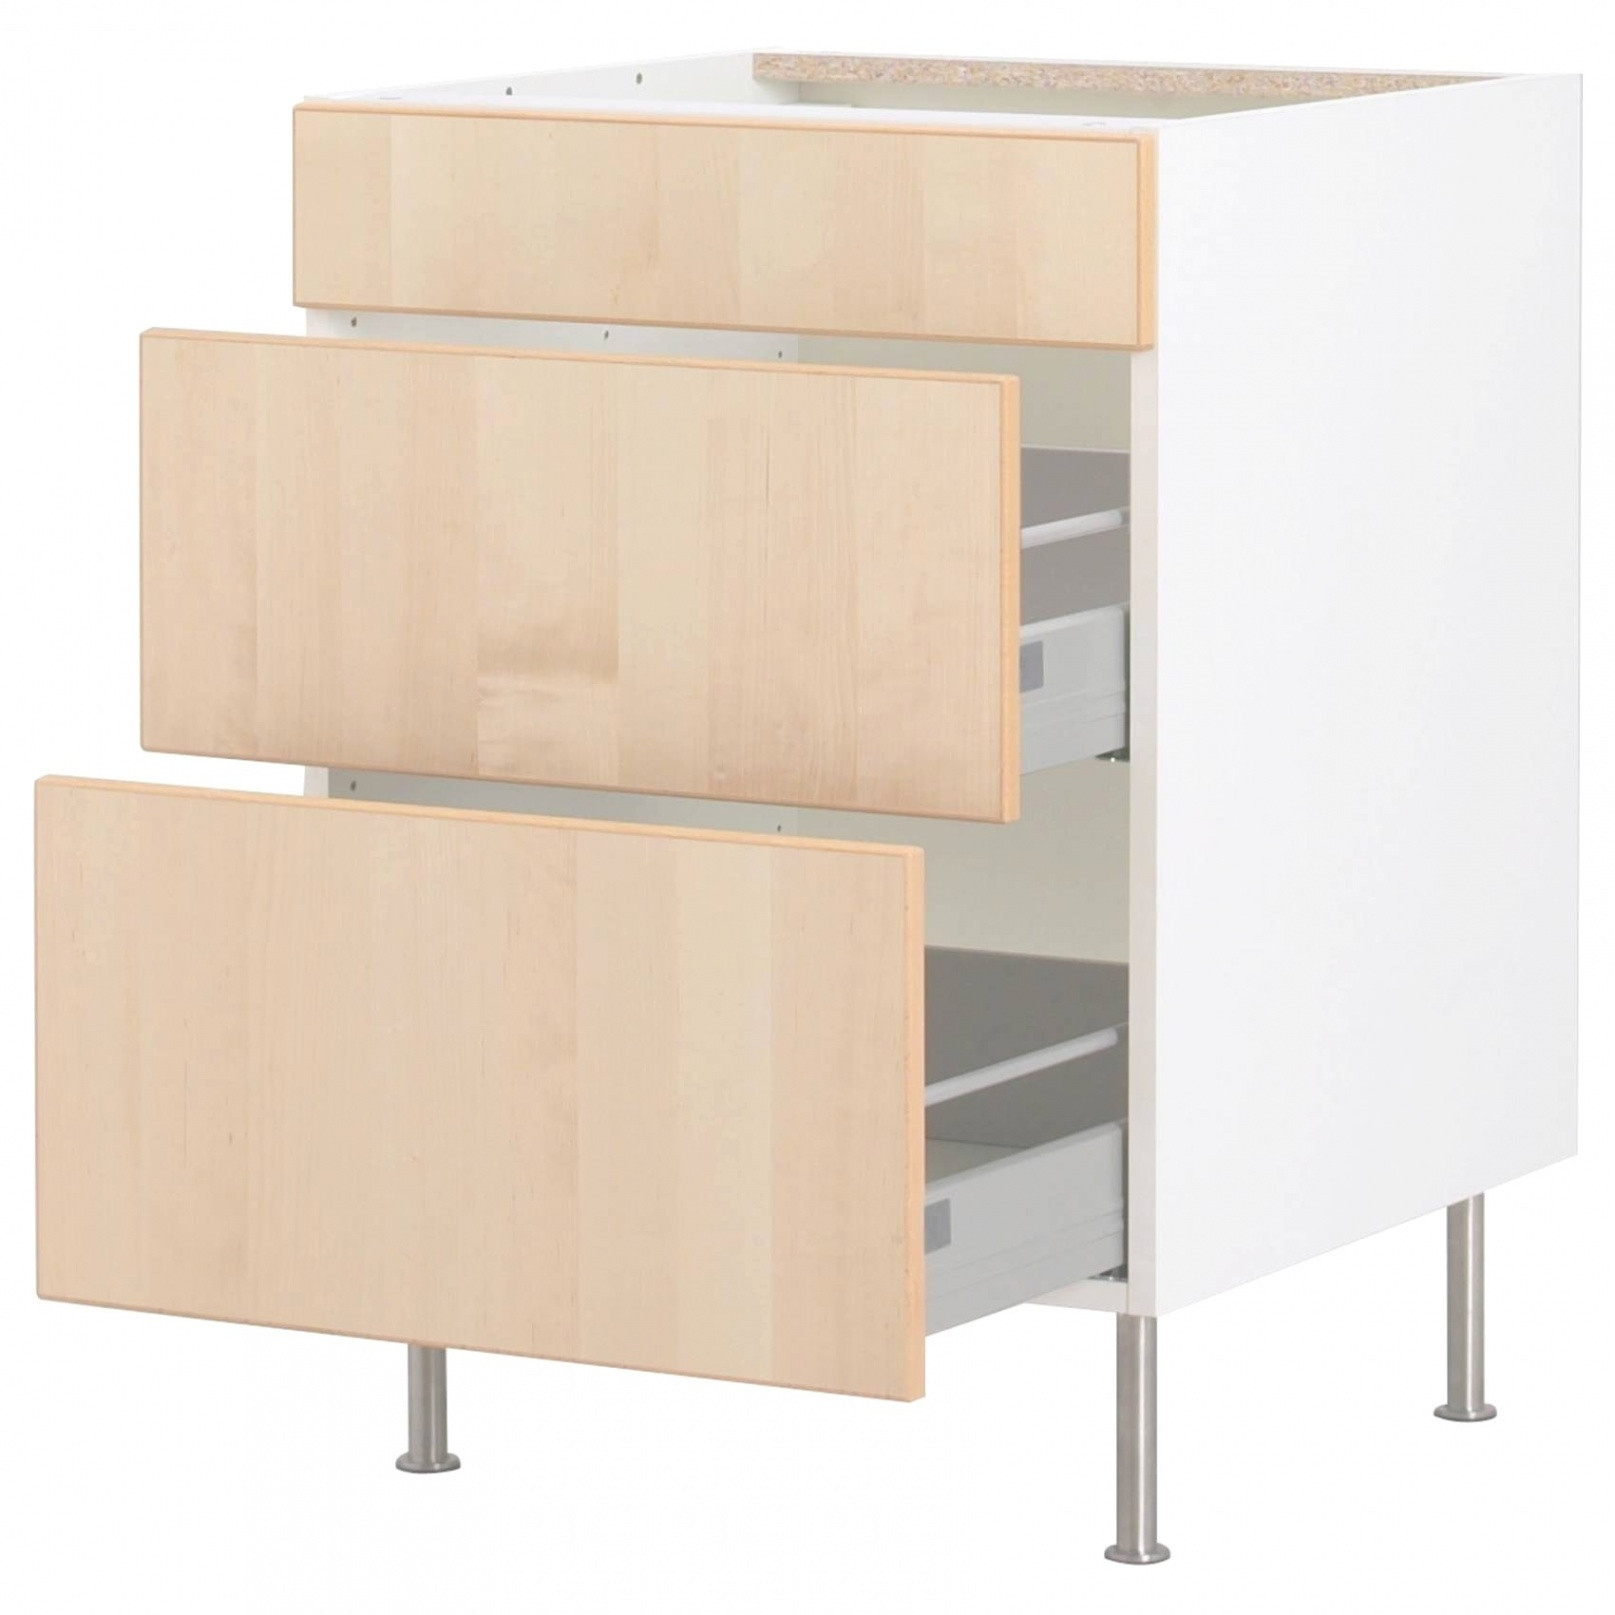 meuble rangement design 42 idees de design meuble rangement vintage le plus important of meuble rangement design